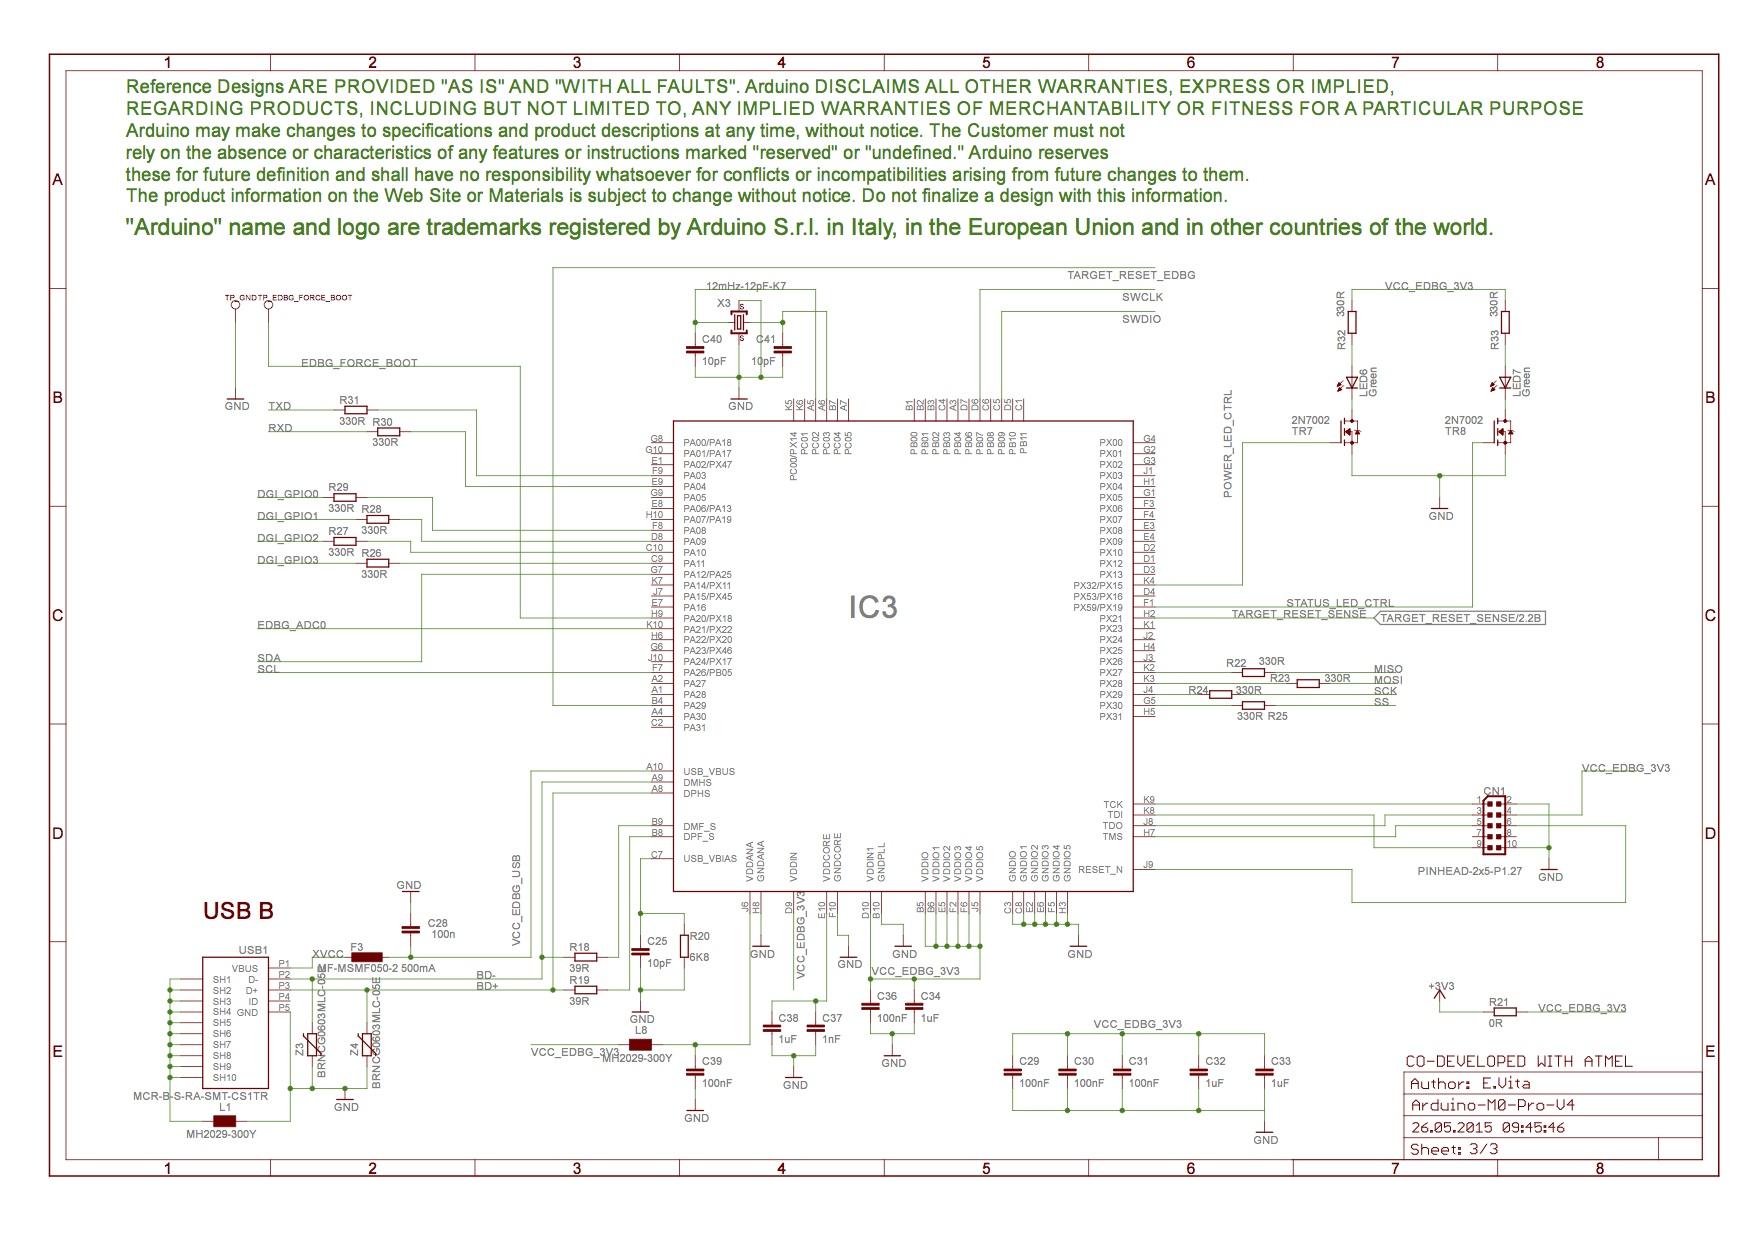 Schema Elettrico Usb 3 0 : Arduino m pro presentazione e specifiche tecniche